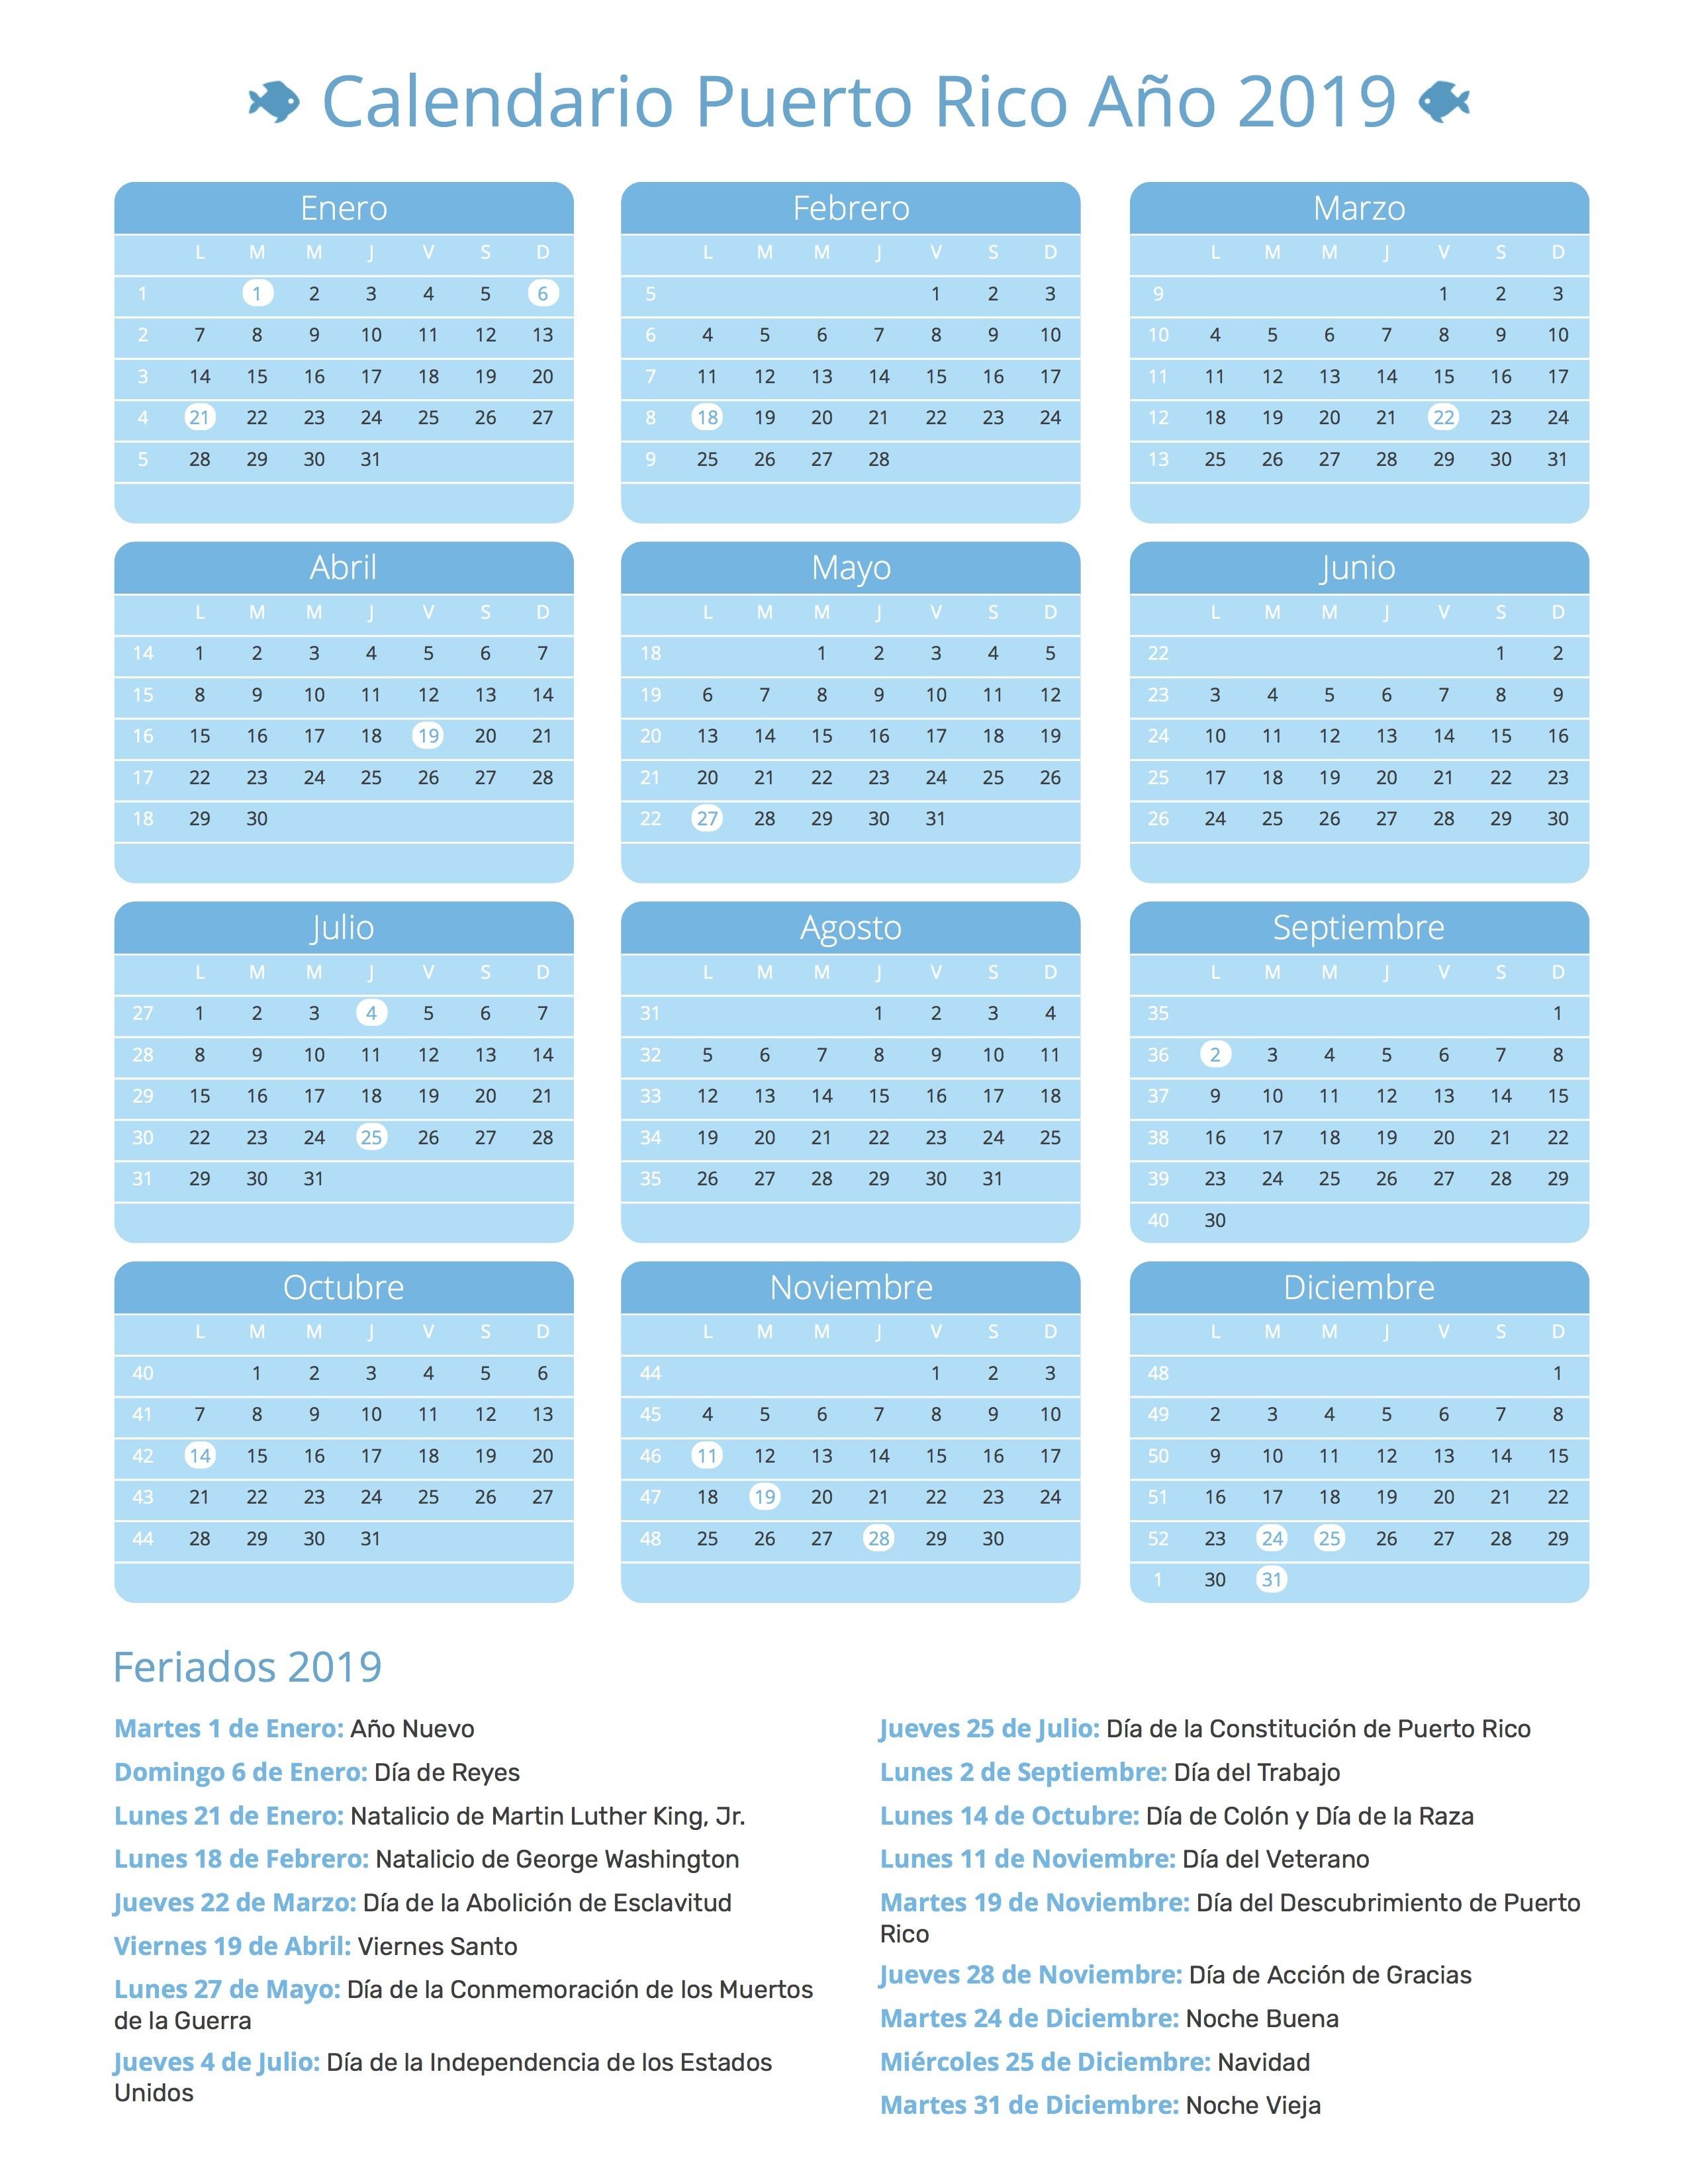 Calendario 2019 Venezuela Con Dias Festivos Más Recientes Calendario Puerto Rico A±o 2019 Of Calendario 2019 Venezuela Con Dias Festivos Actual Calaméo Peri³dico